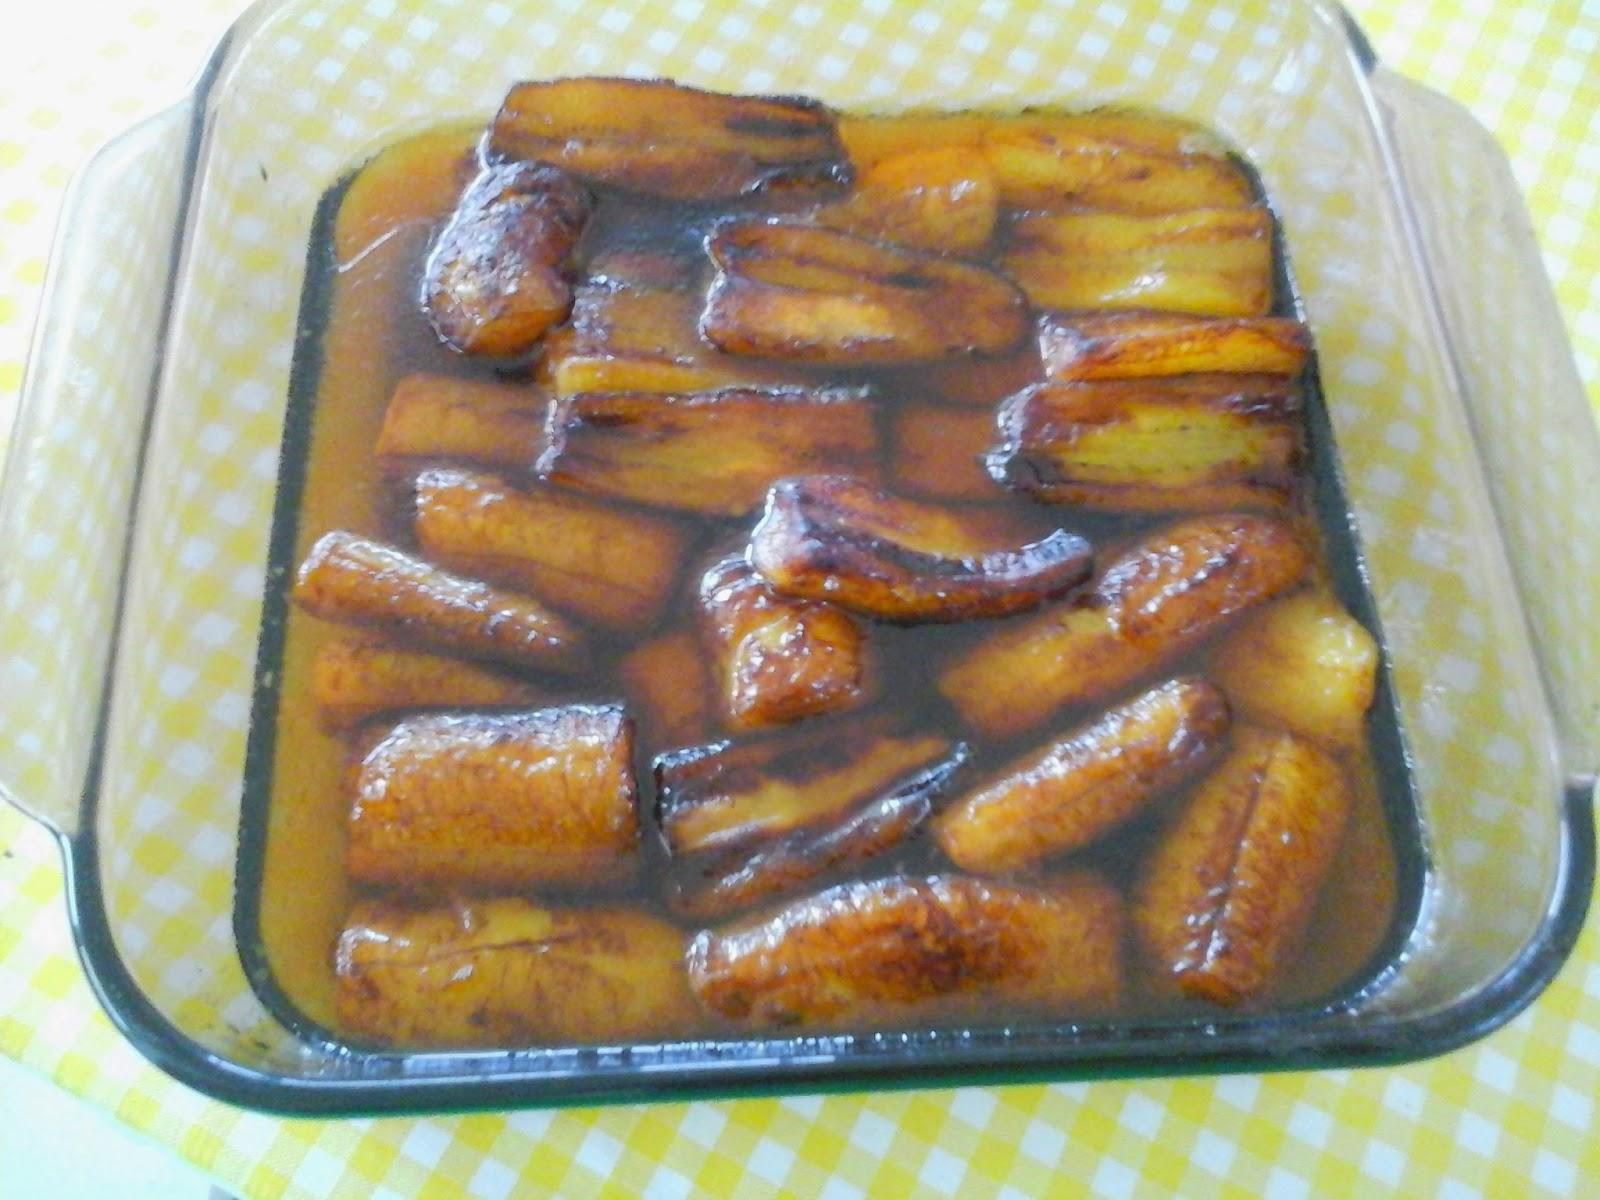 El viaje culinario de Emelina: noviembre 2014